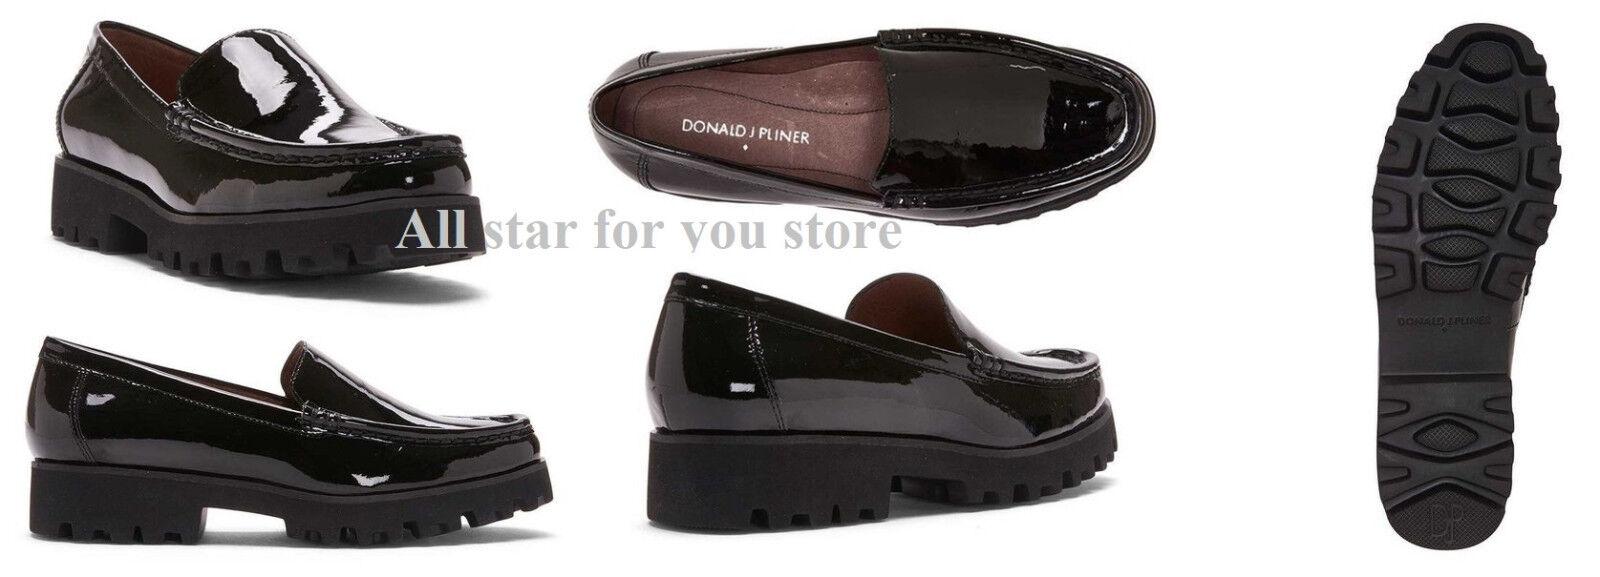 spedizione gratuita! Donald J J J Pliner scarpe Rio Patent Leather Loafer 6.5, 9.5  la migliore offerta del negozio online